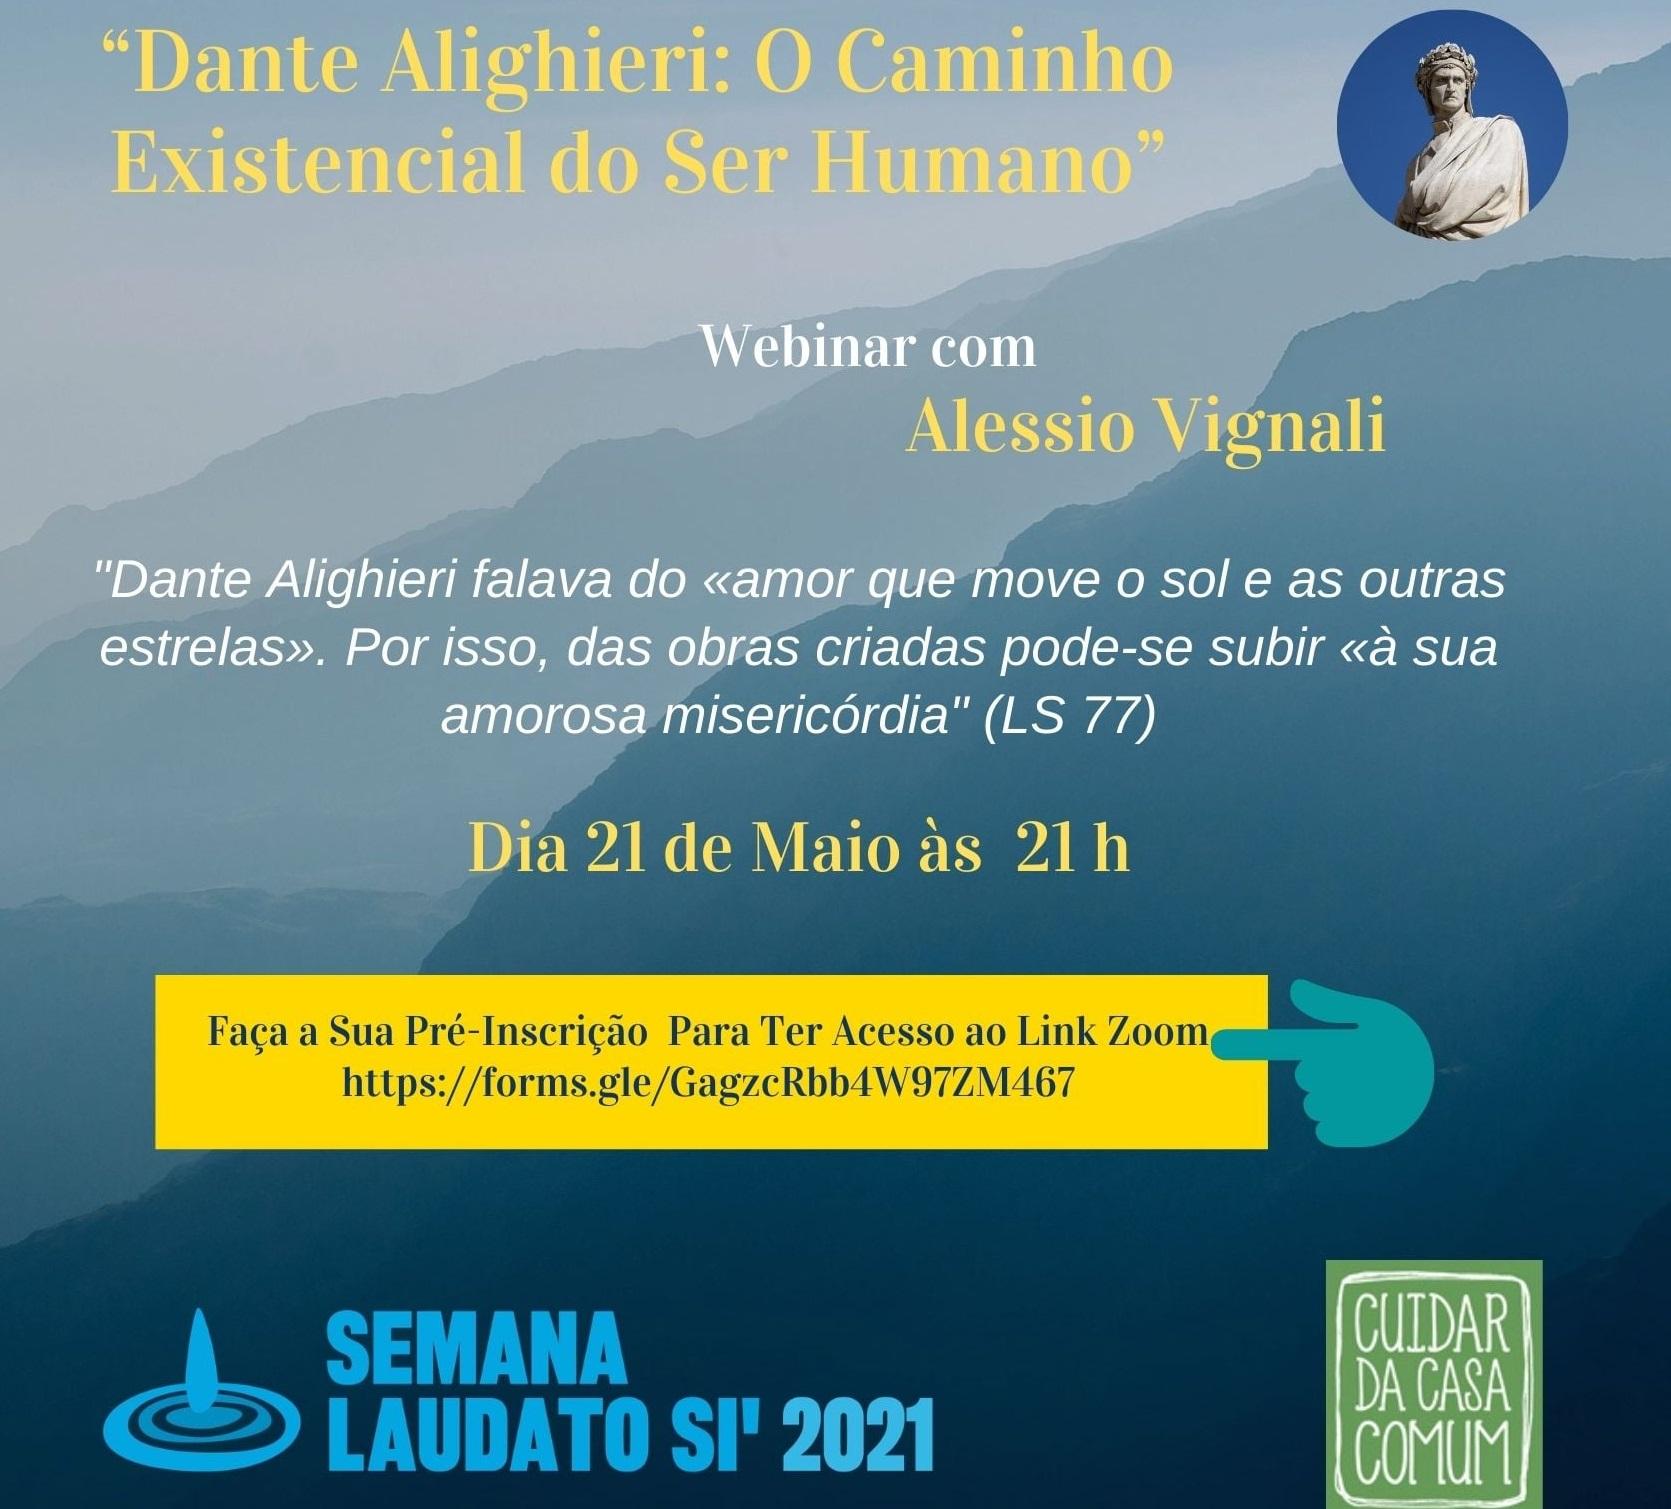 Dante Alighieri: o caminho existencial do ser humano, por Alessio Vignali